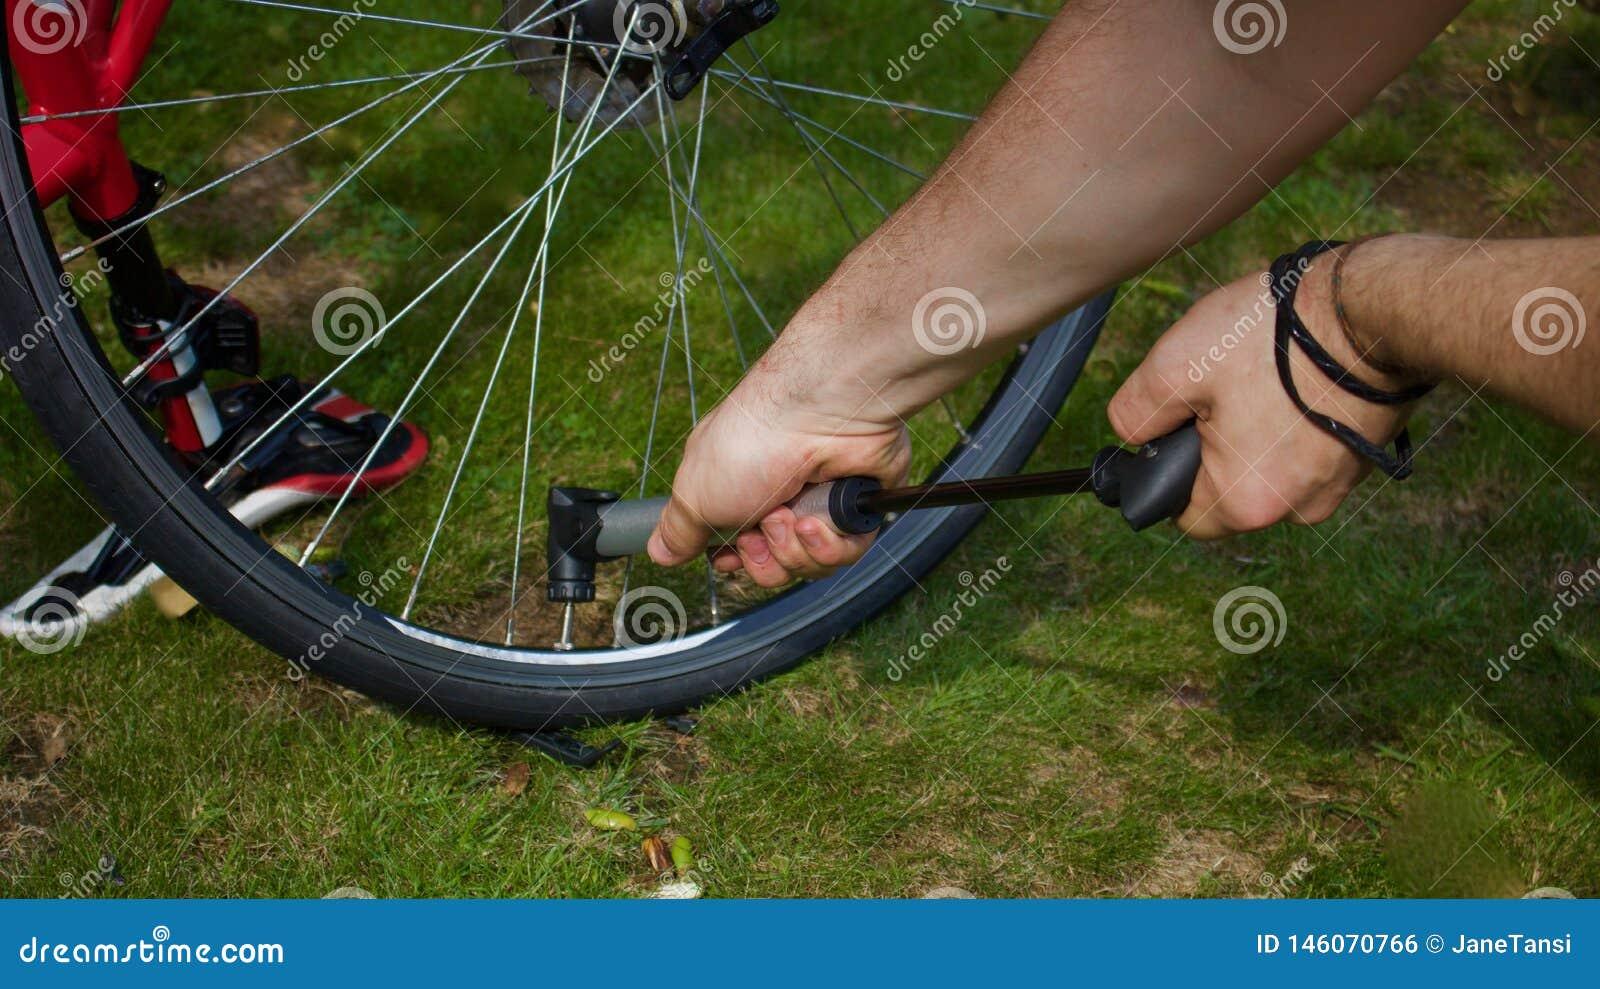 年轻人的手泵空气到使用手泵-图象的自行车轮胎里